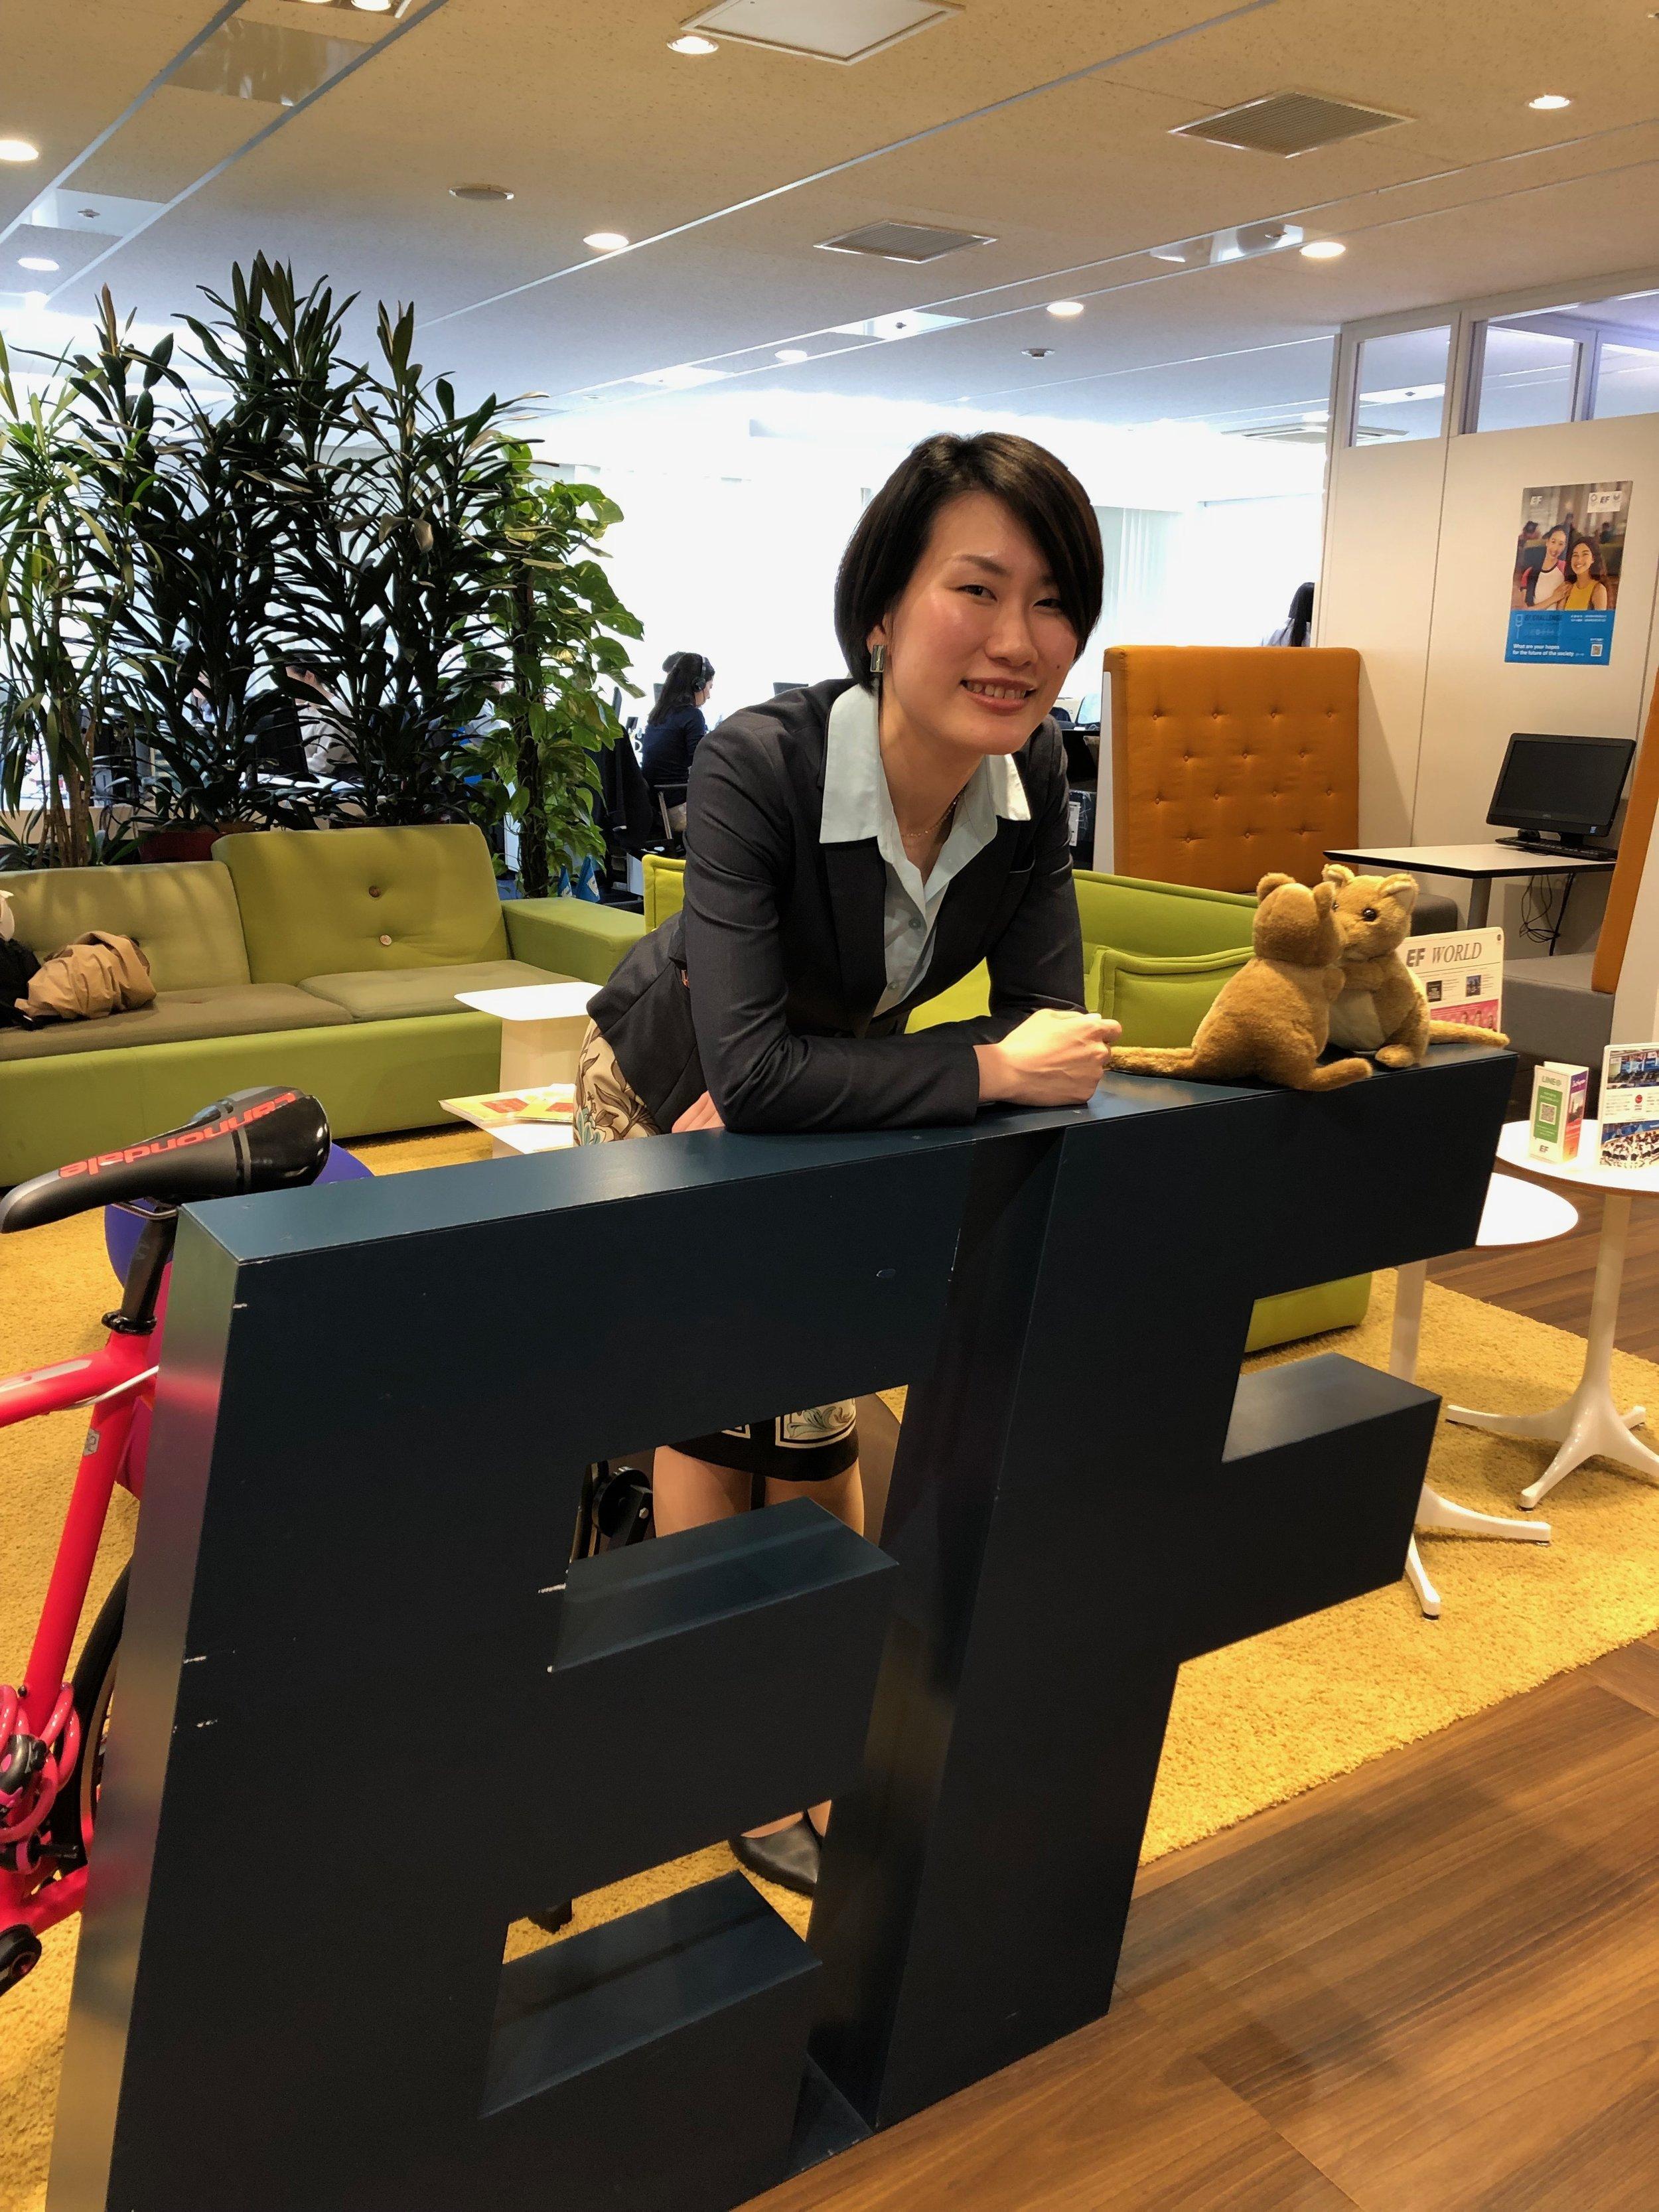 蓮尾 翔子 - イー・エフ・エデュケーションファースト・ジャパン株式会社国際教育事業部 エグゼクティブマネージャー